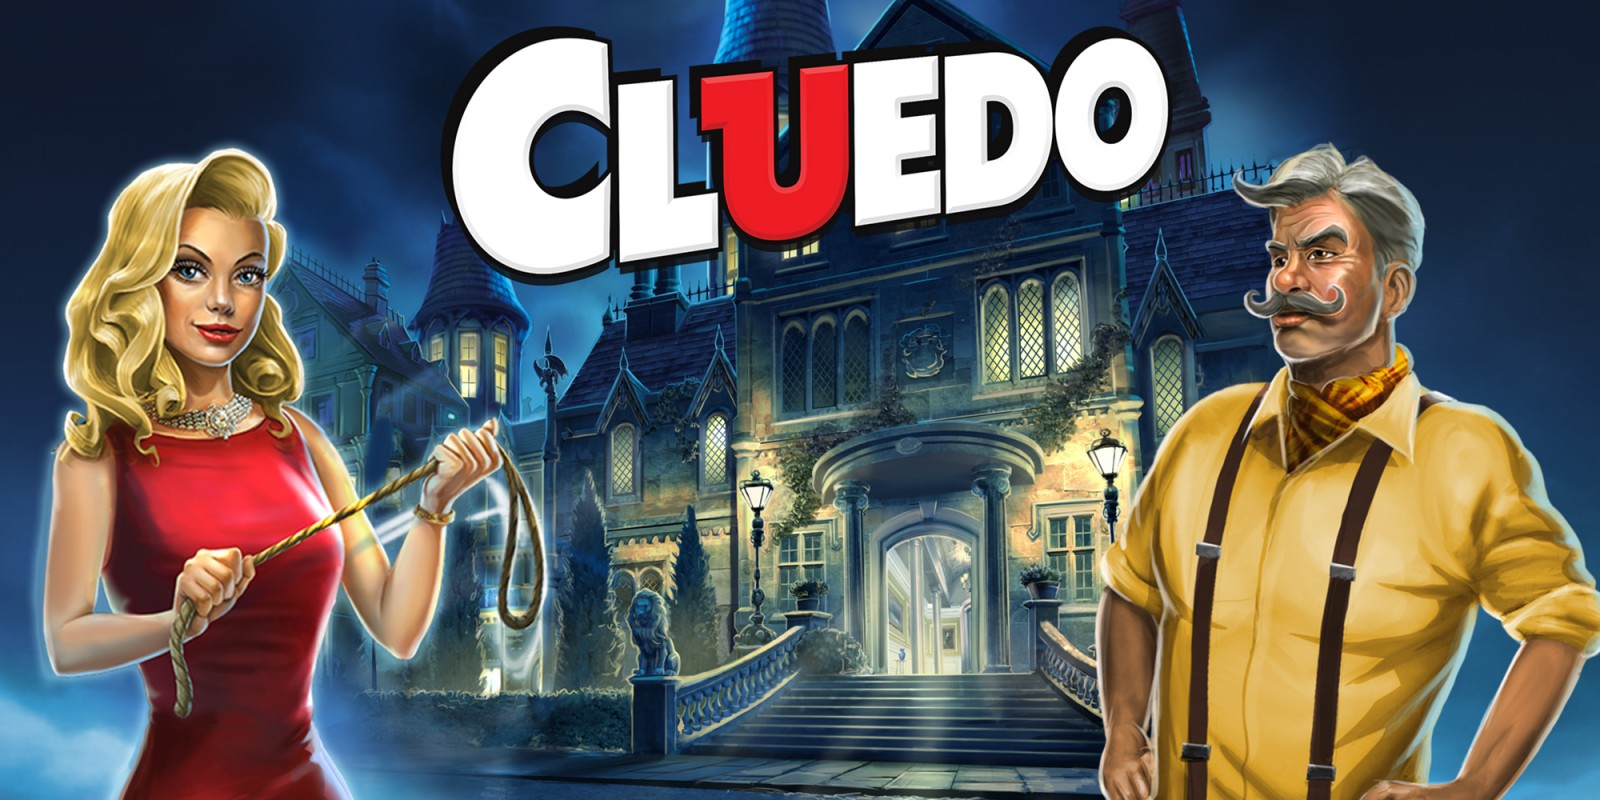 Cluedo Play Script